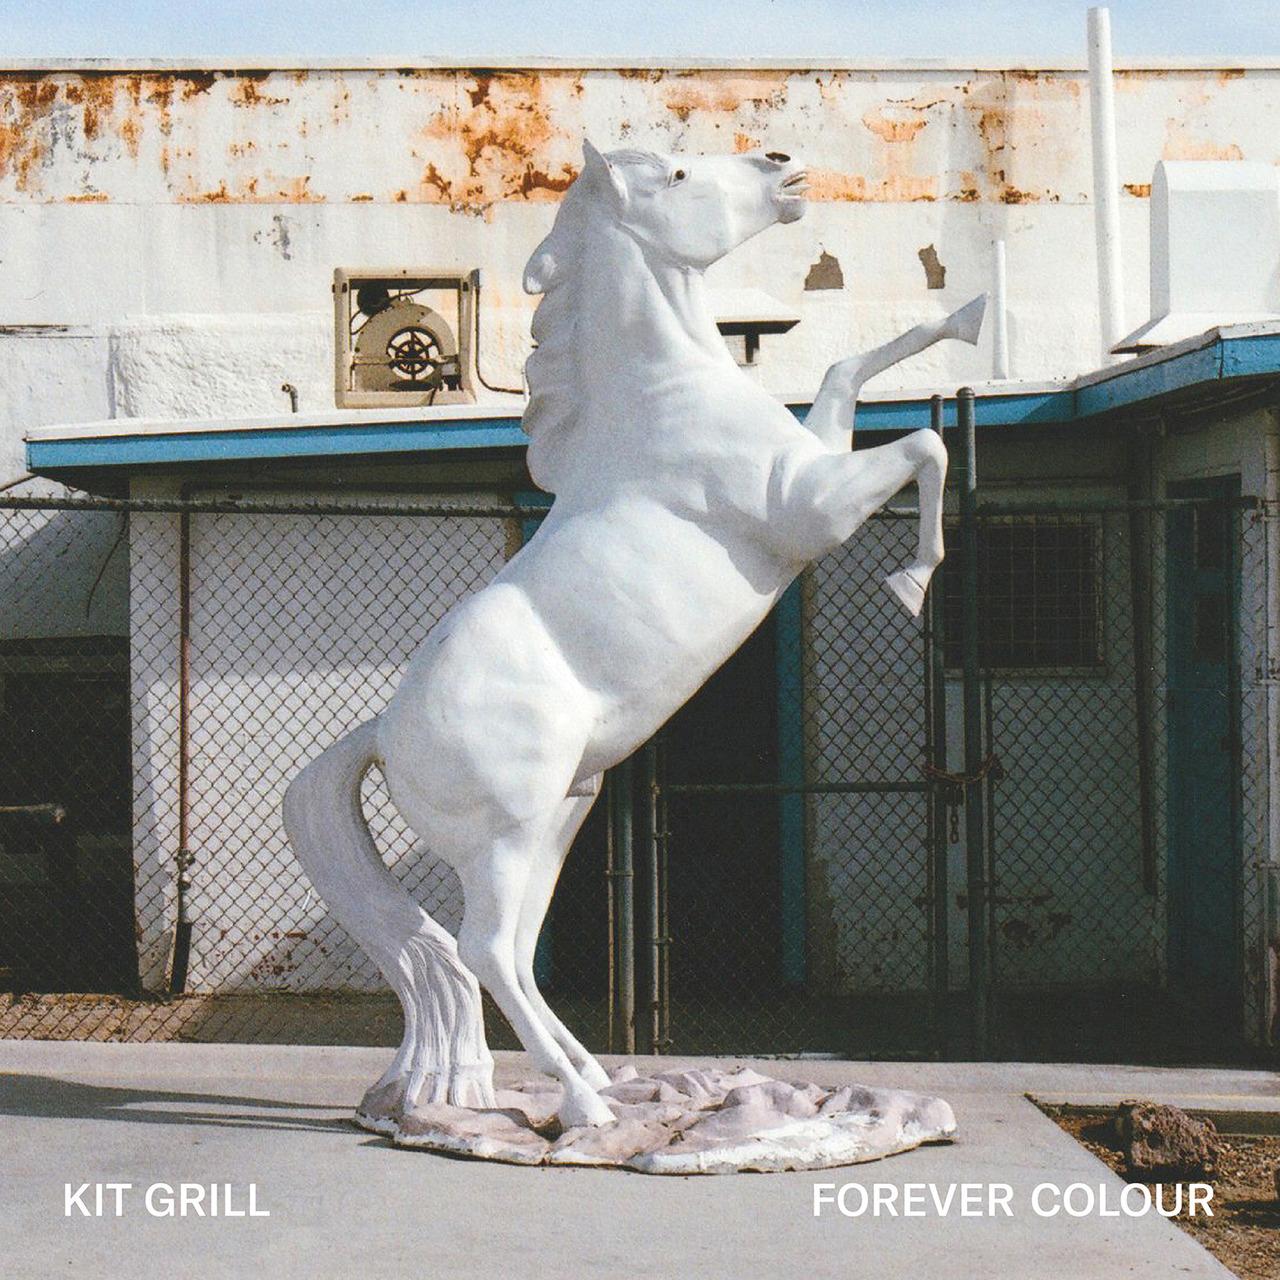 KitGrill_ForeverColour